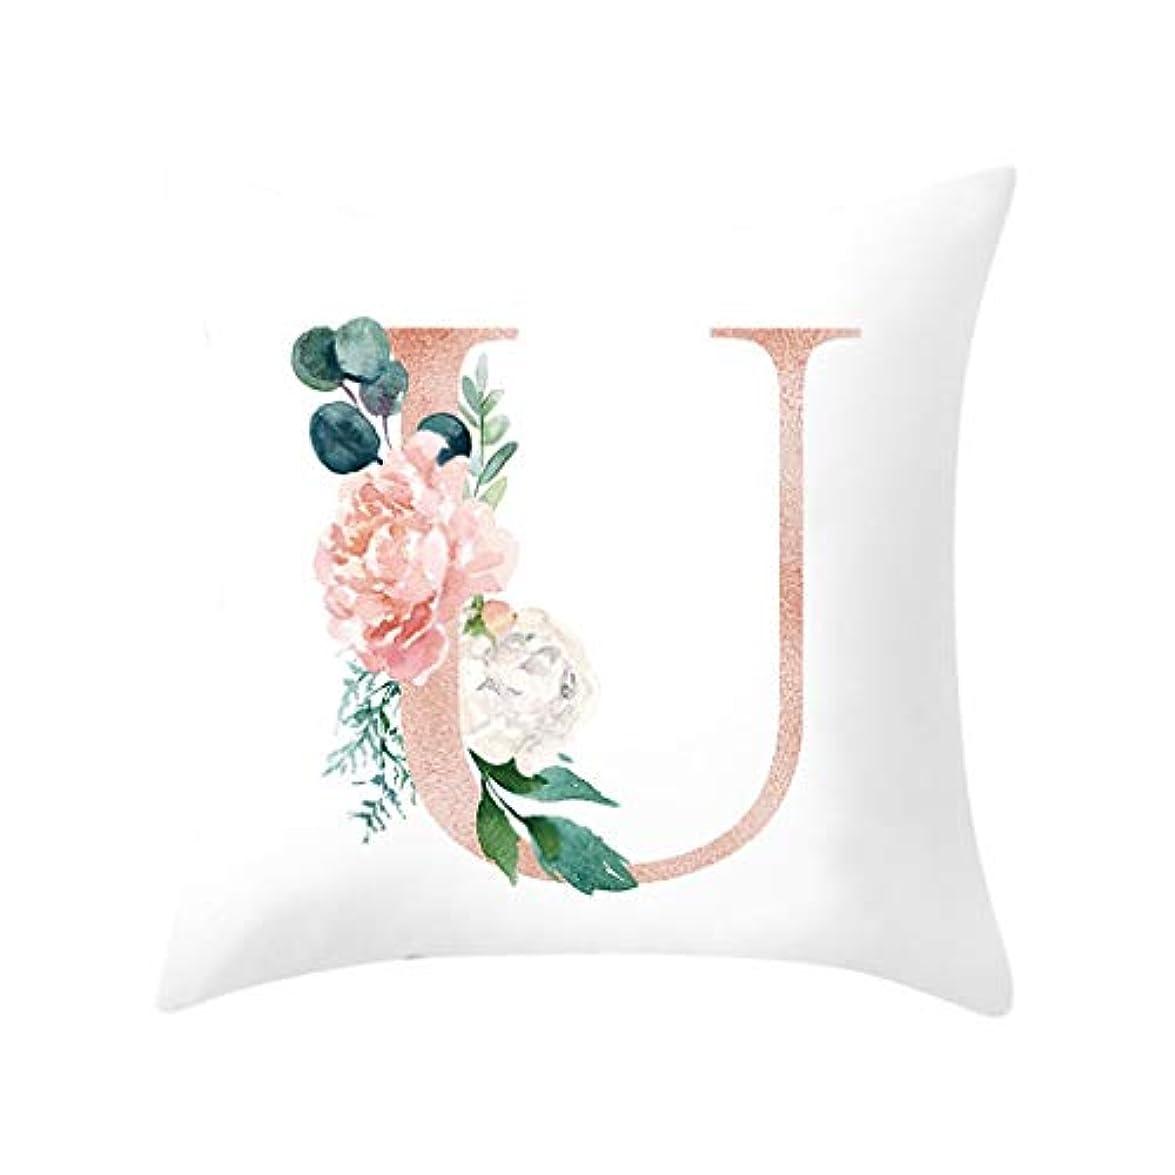 アプライアンスそれぞれ足LIFE 装飾クッションソファ手紙枕アルファベットクッション印刷ソファ家の装飾の花枕 coussin decoratif クッション 椅子